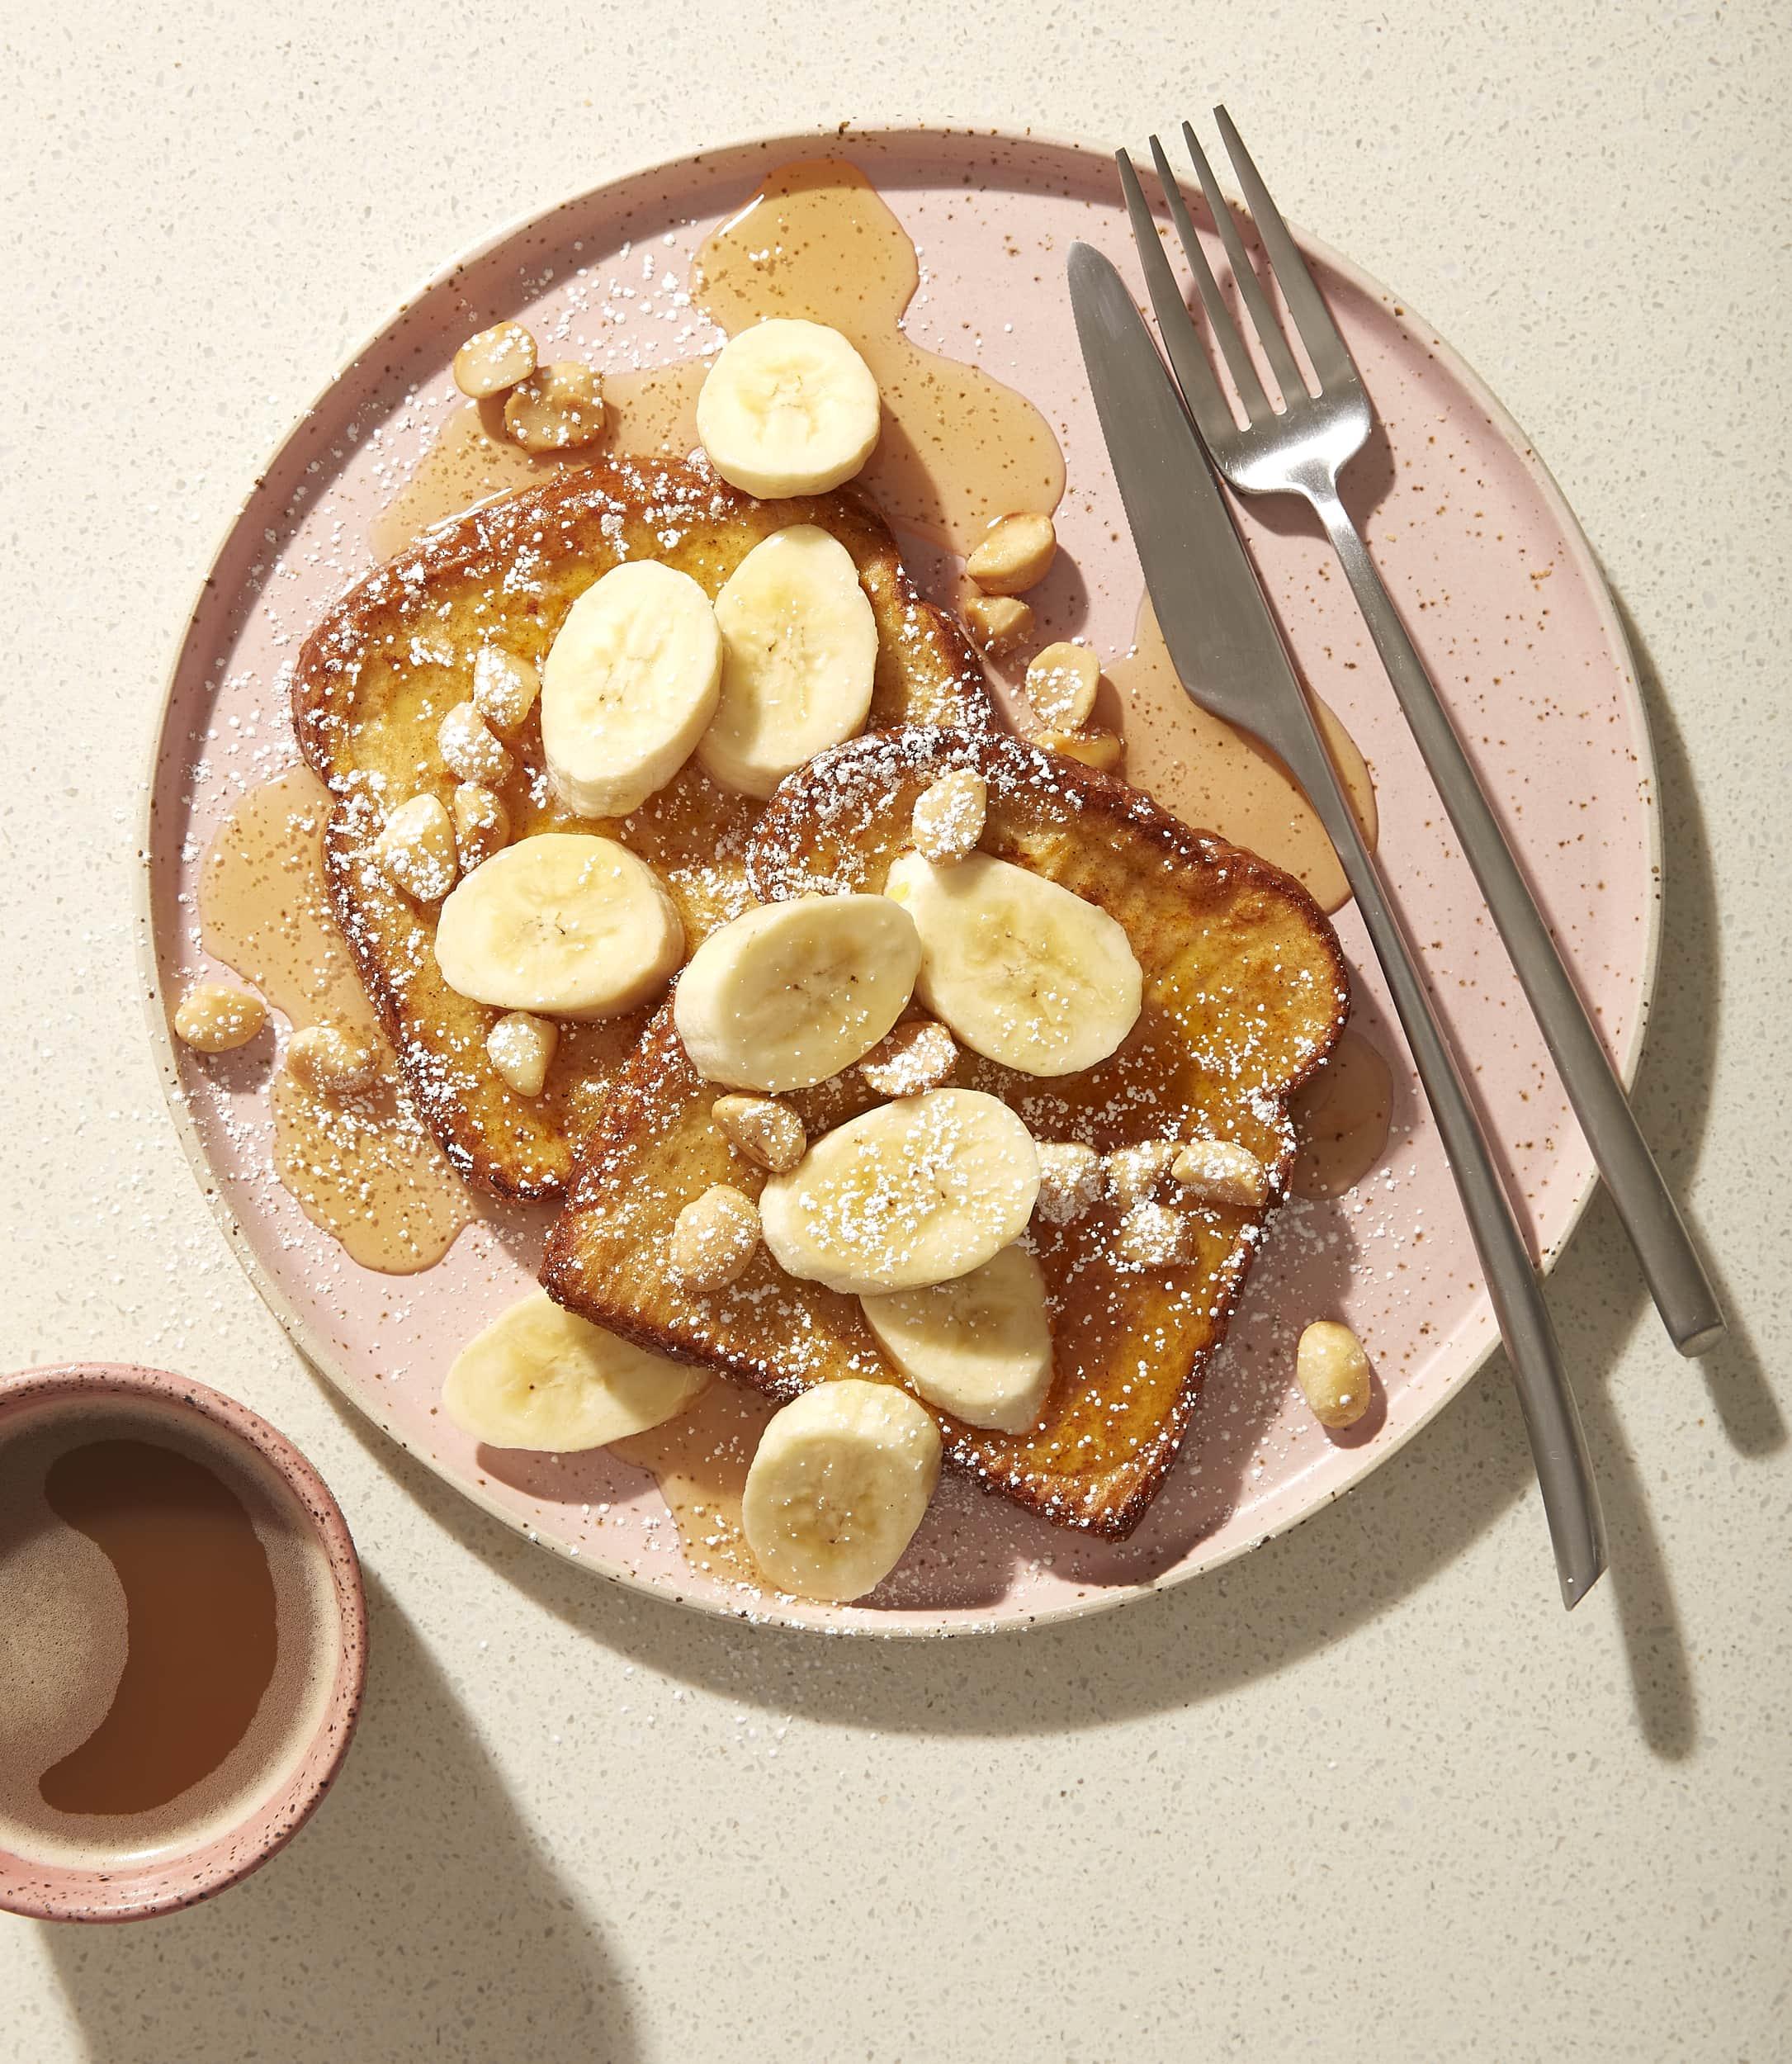 Macadamia-Banana French Toast